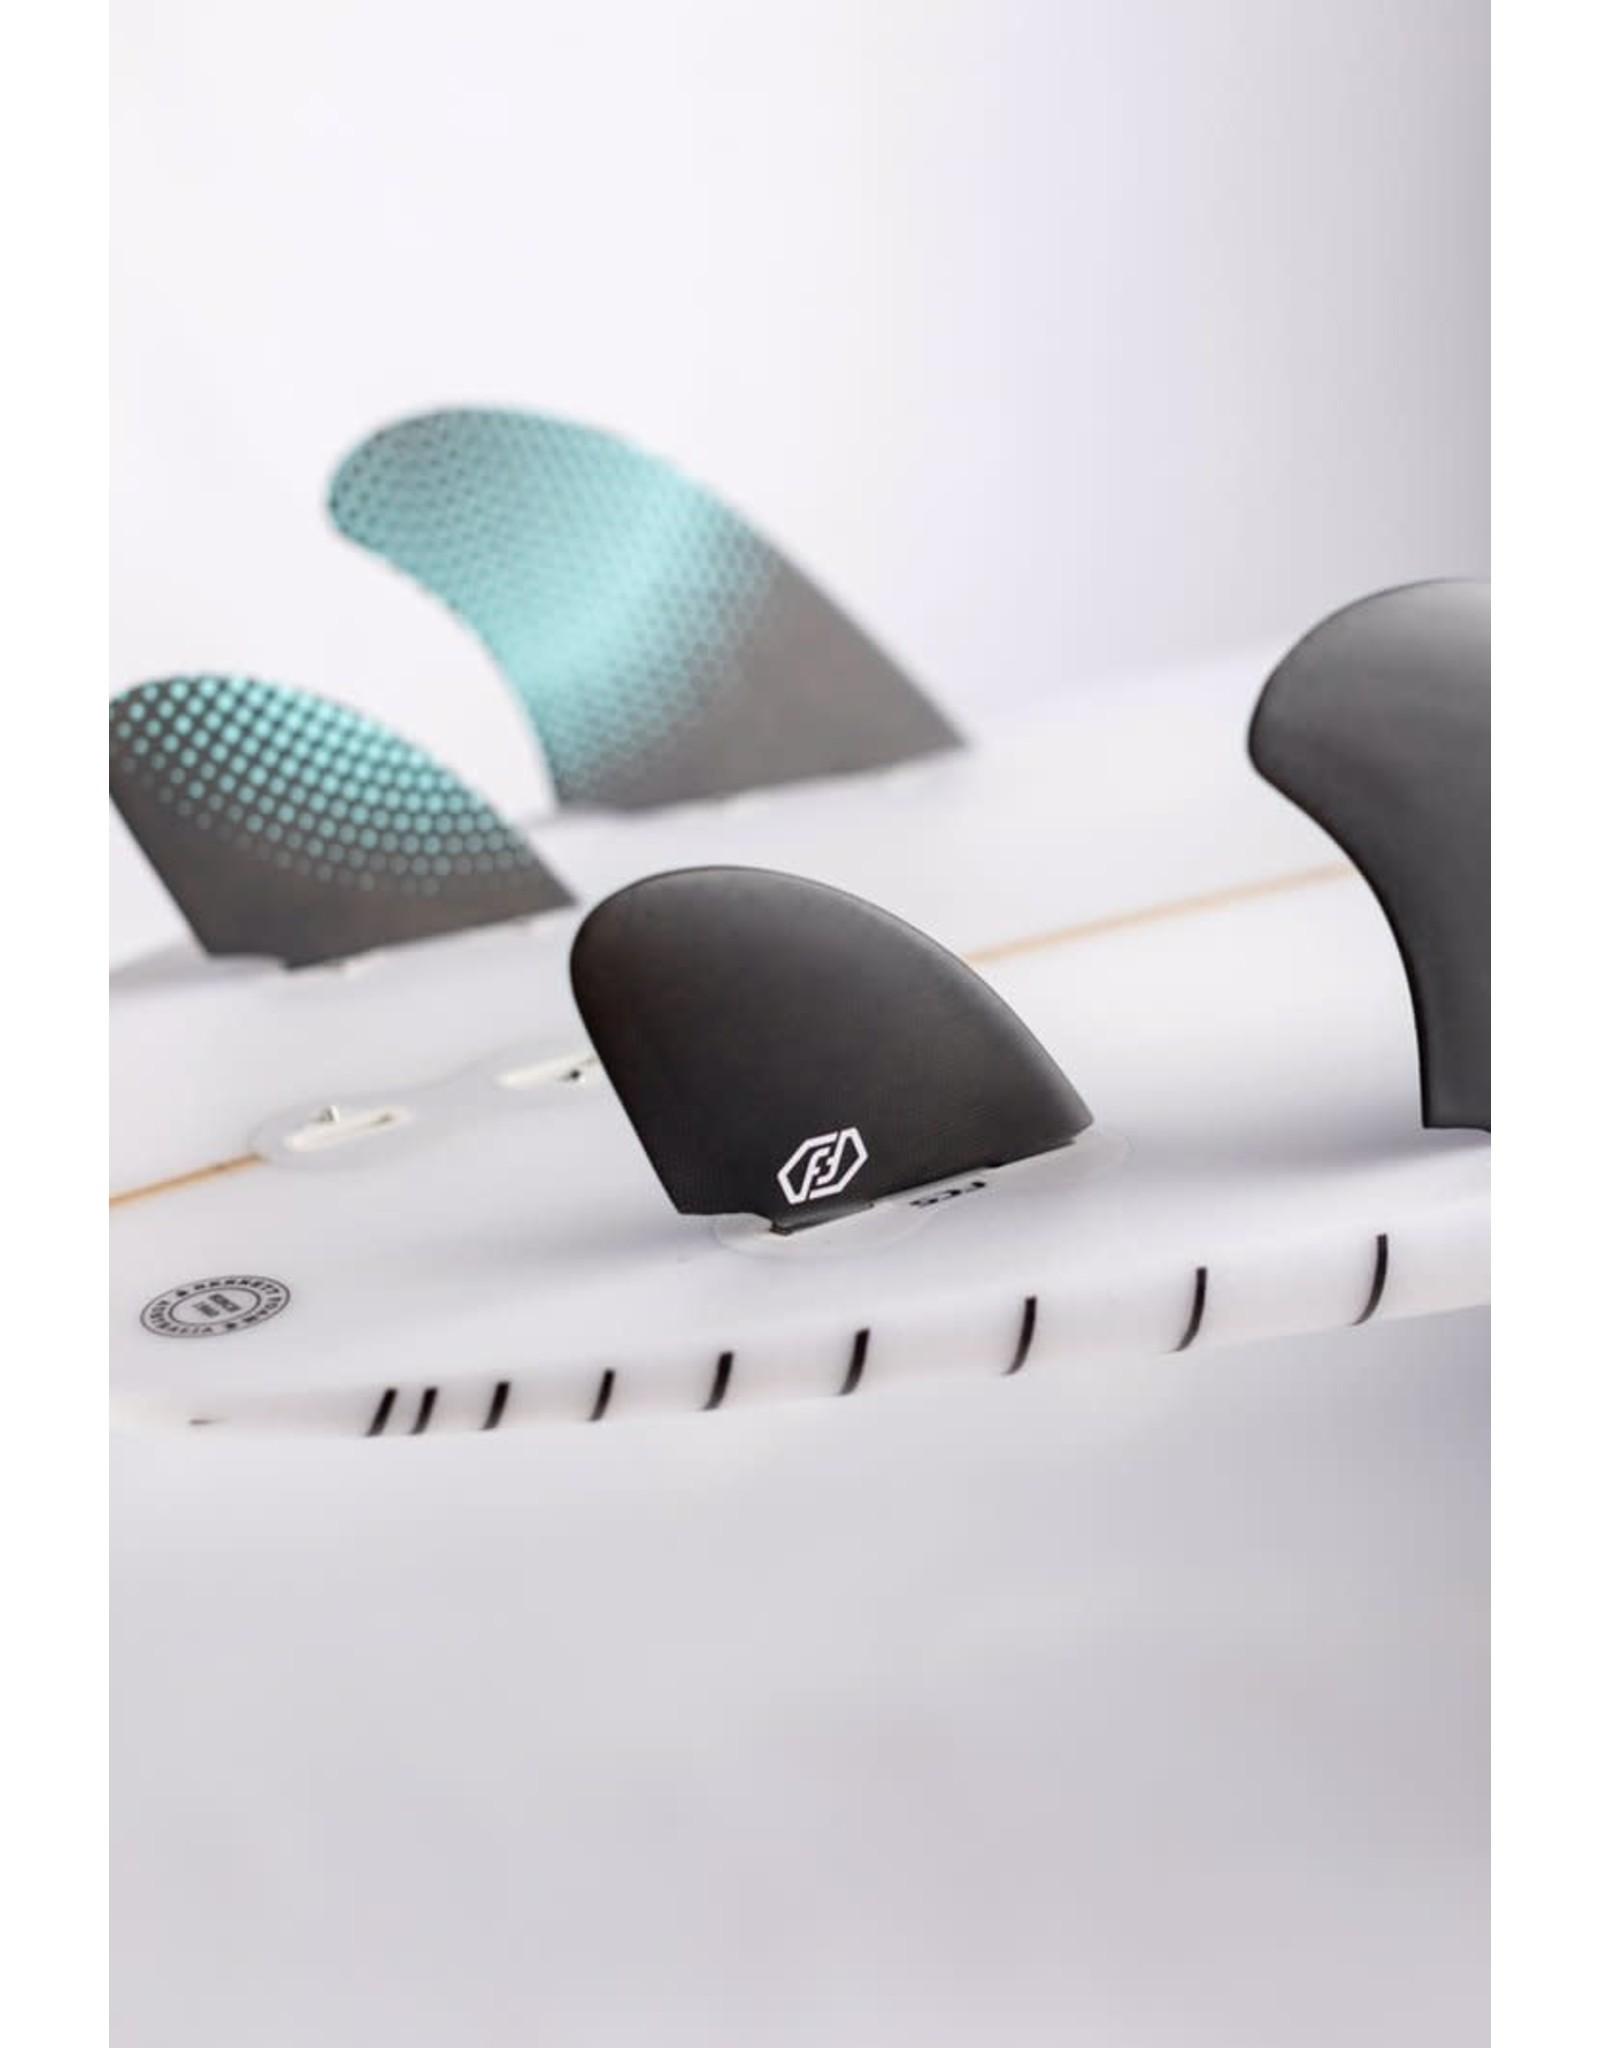 Feather Fins Feather Fins FCS II Click Tab Twin Quad Semi Keel